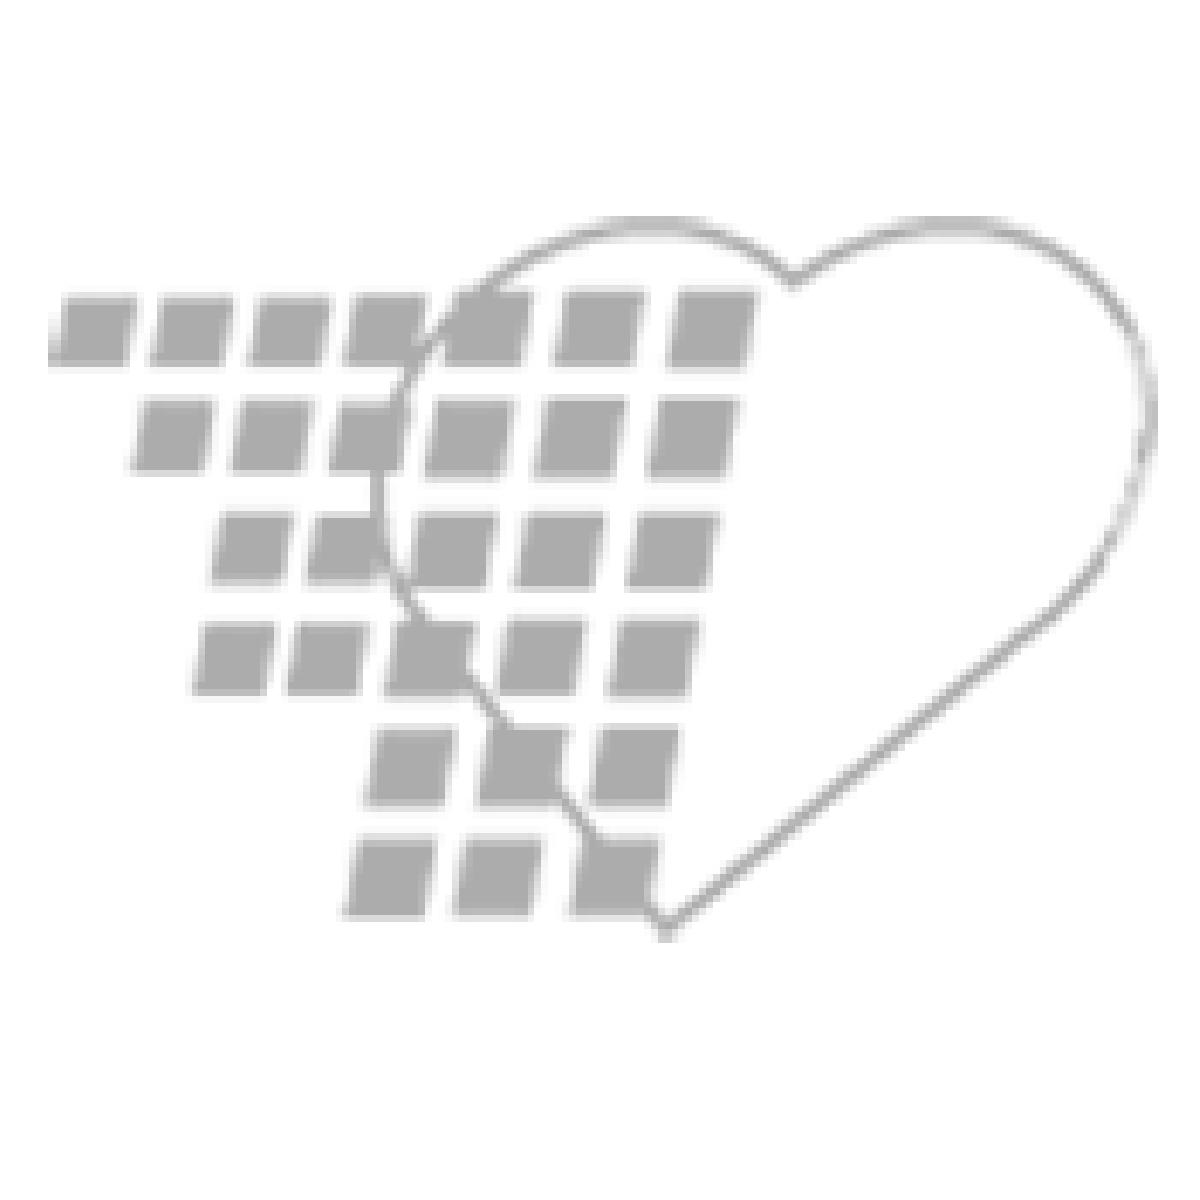 11-81-0907 Nasco Basic Lucy Maternal and Neonatal Birthing Simulator